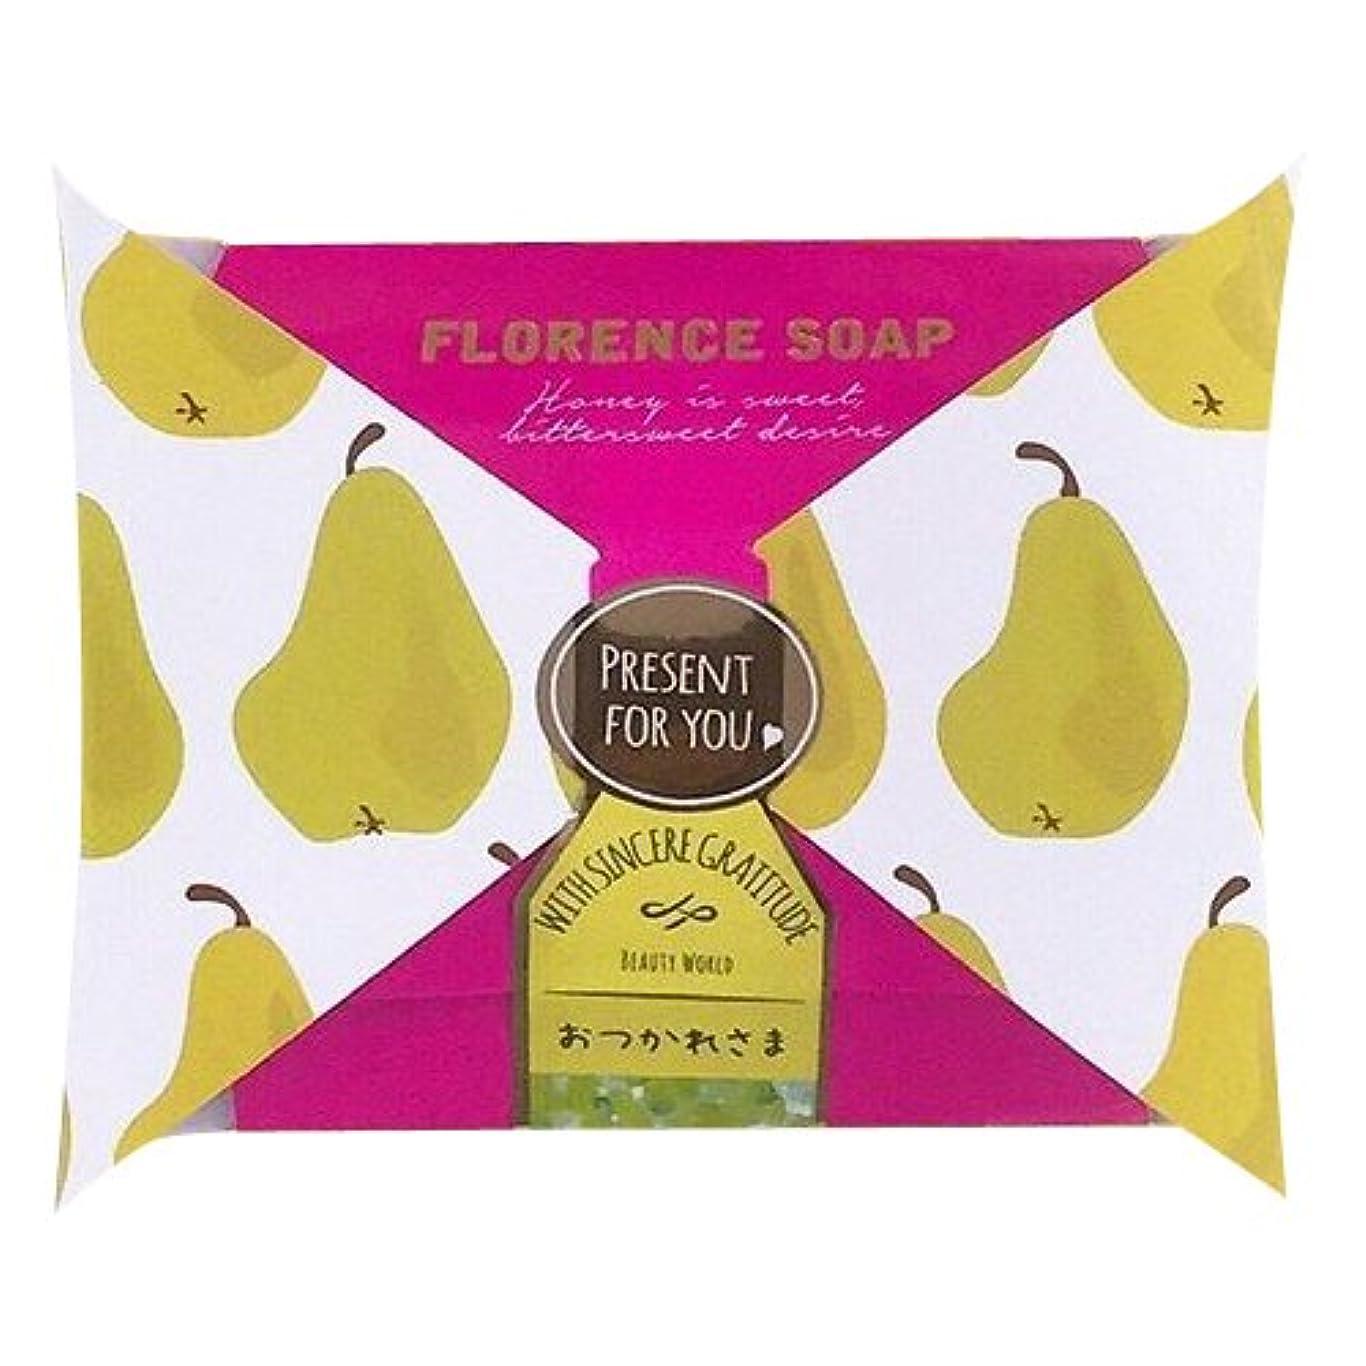 醜いムスタチオ豊かなBW フローレンスの香り石けん リボンパッケージ FSP386 密の甘く切ない願い (35g)